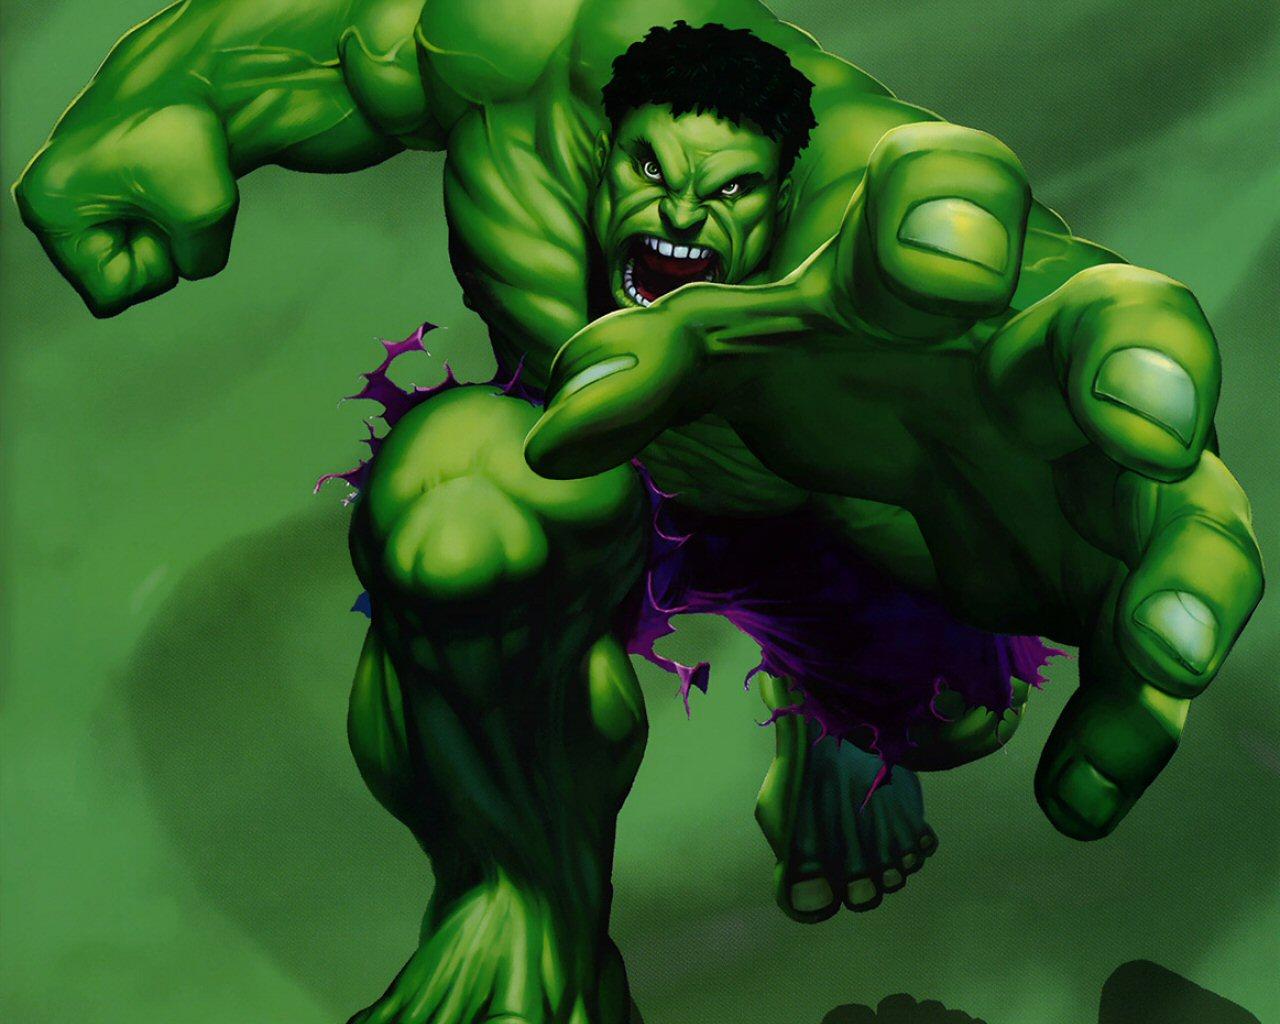 hulk wallpaper hd 1280x1024